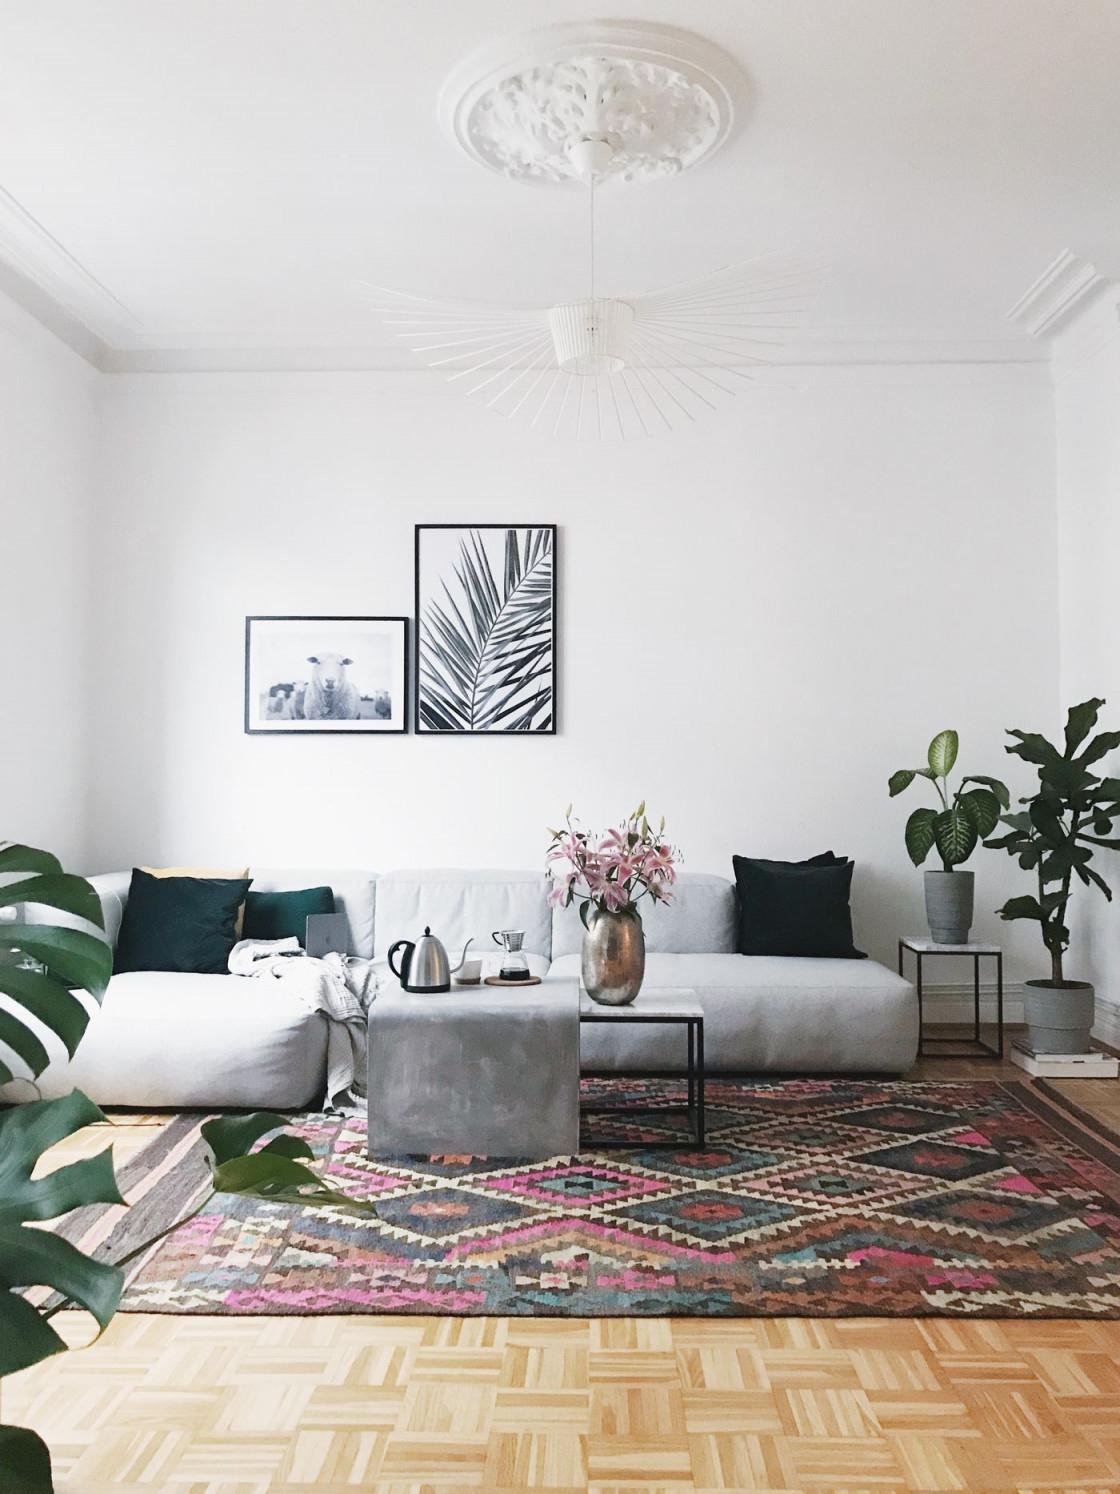 Die Schönsten Wohnzimmer Deko Ideen von Schöne Deko Wohnzimmer Photo